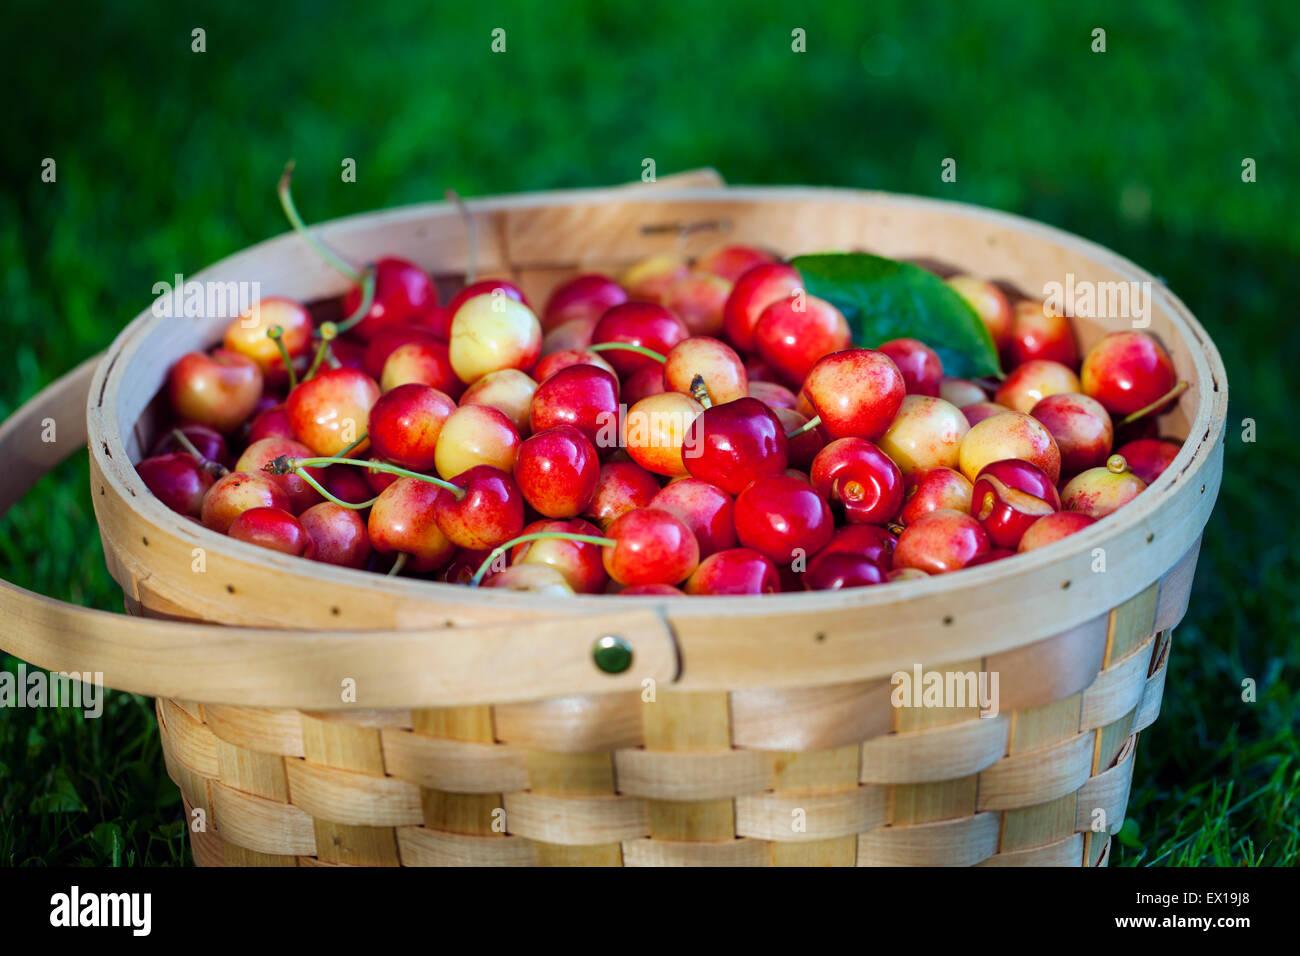 Cesto pieno di ciliegie dolci Immagini Stock